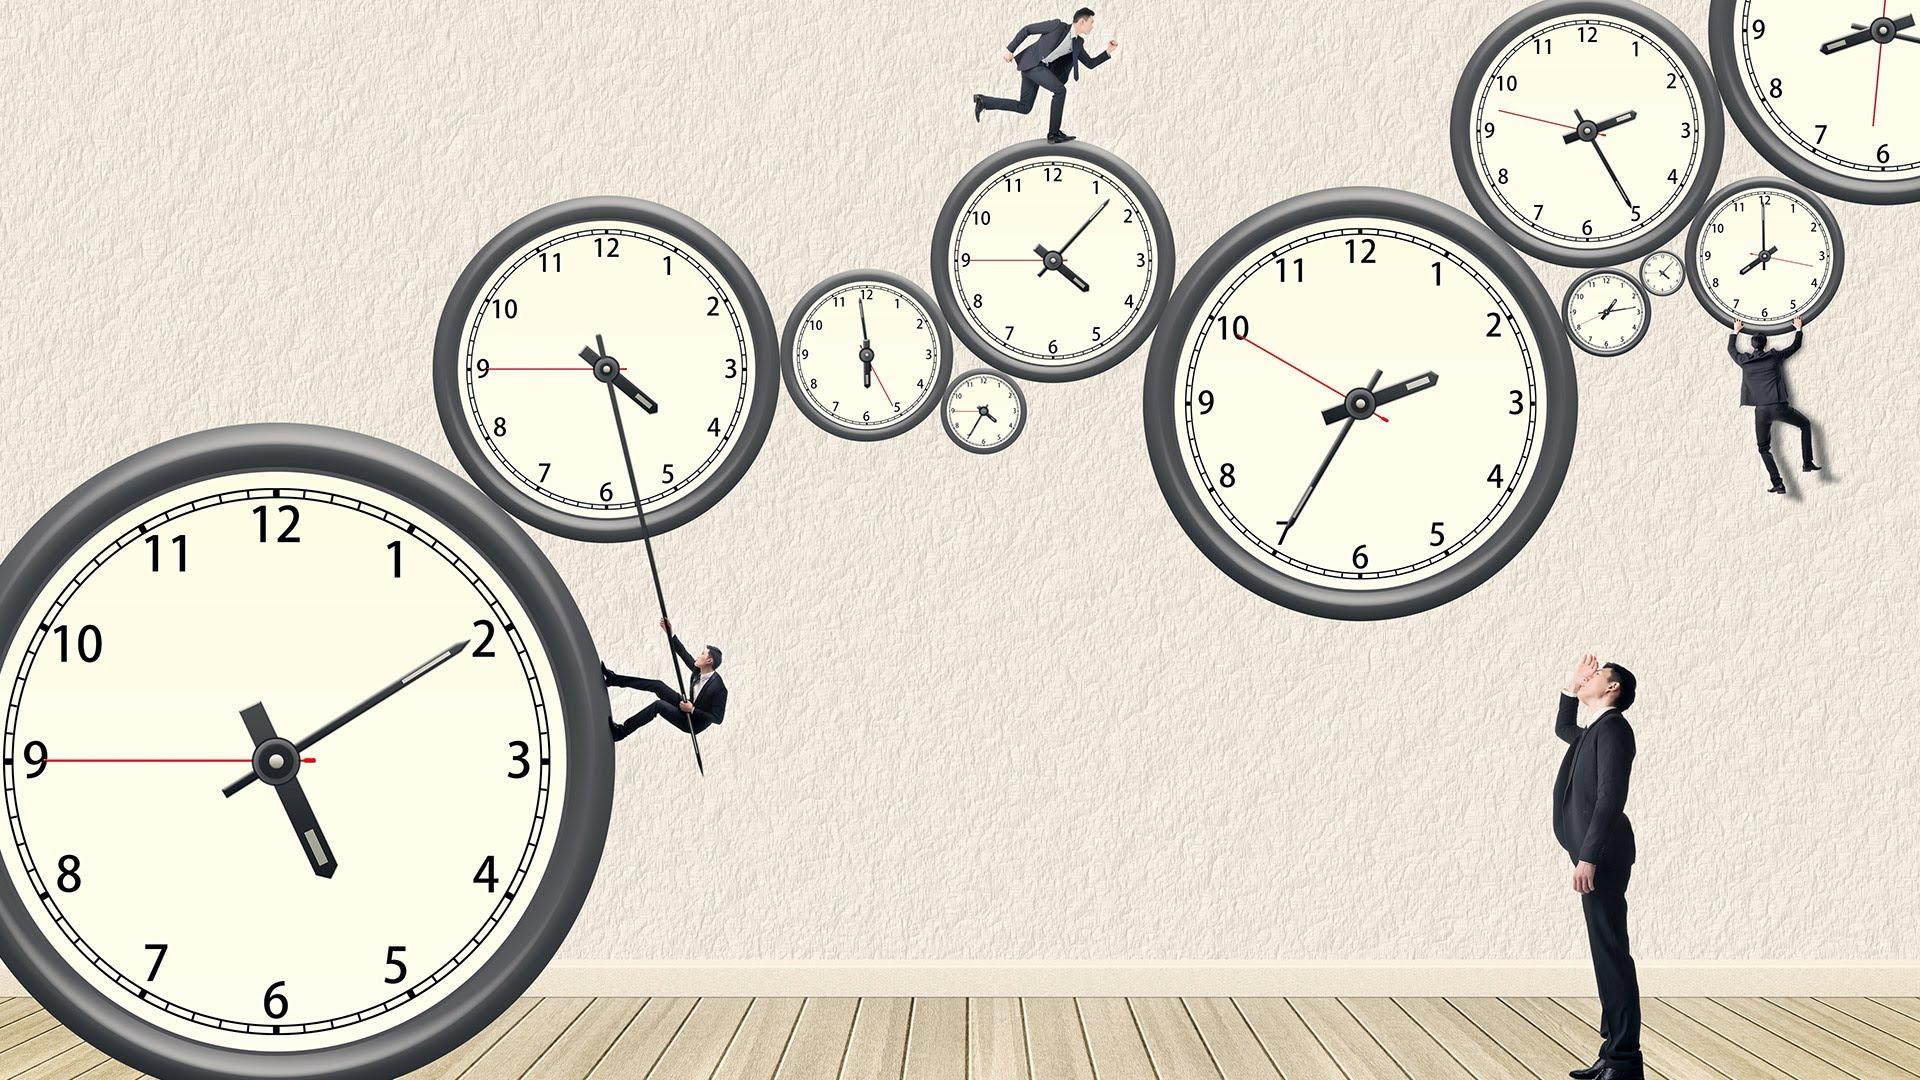 بالصور ساعة خلفية , اروع خلفيات الساعه 2366 9